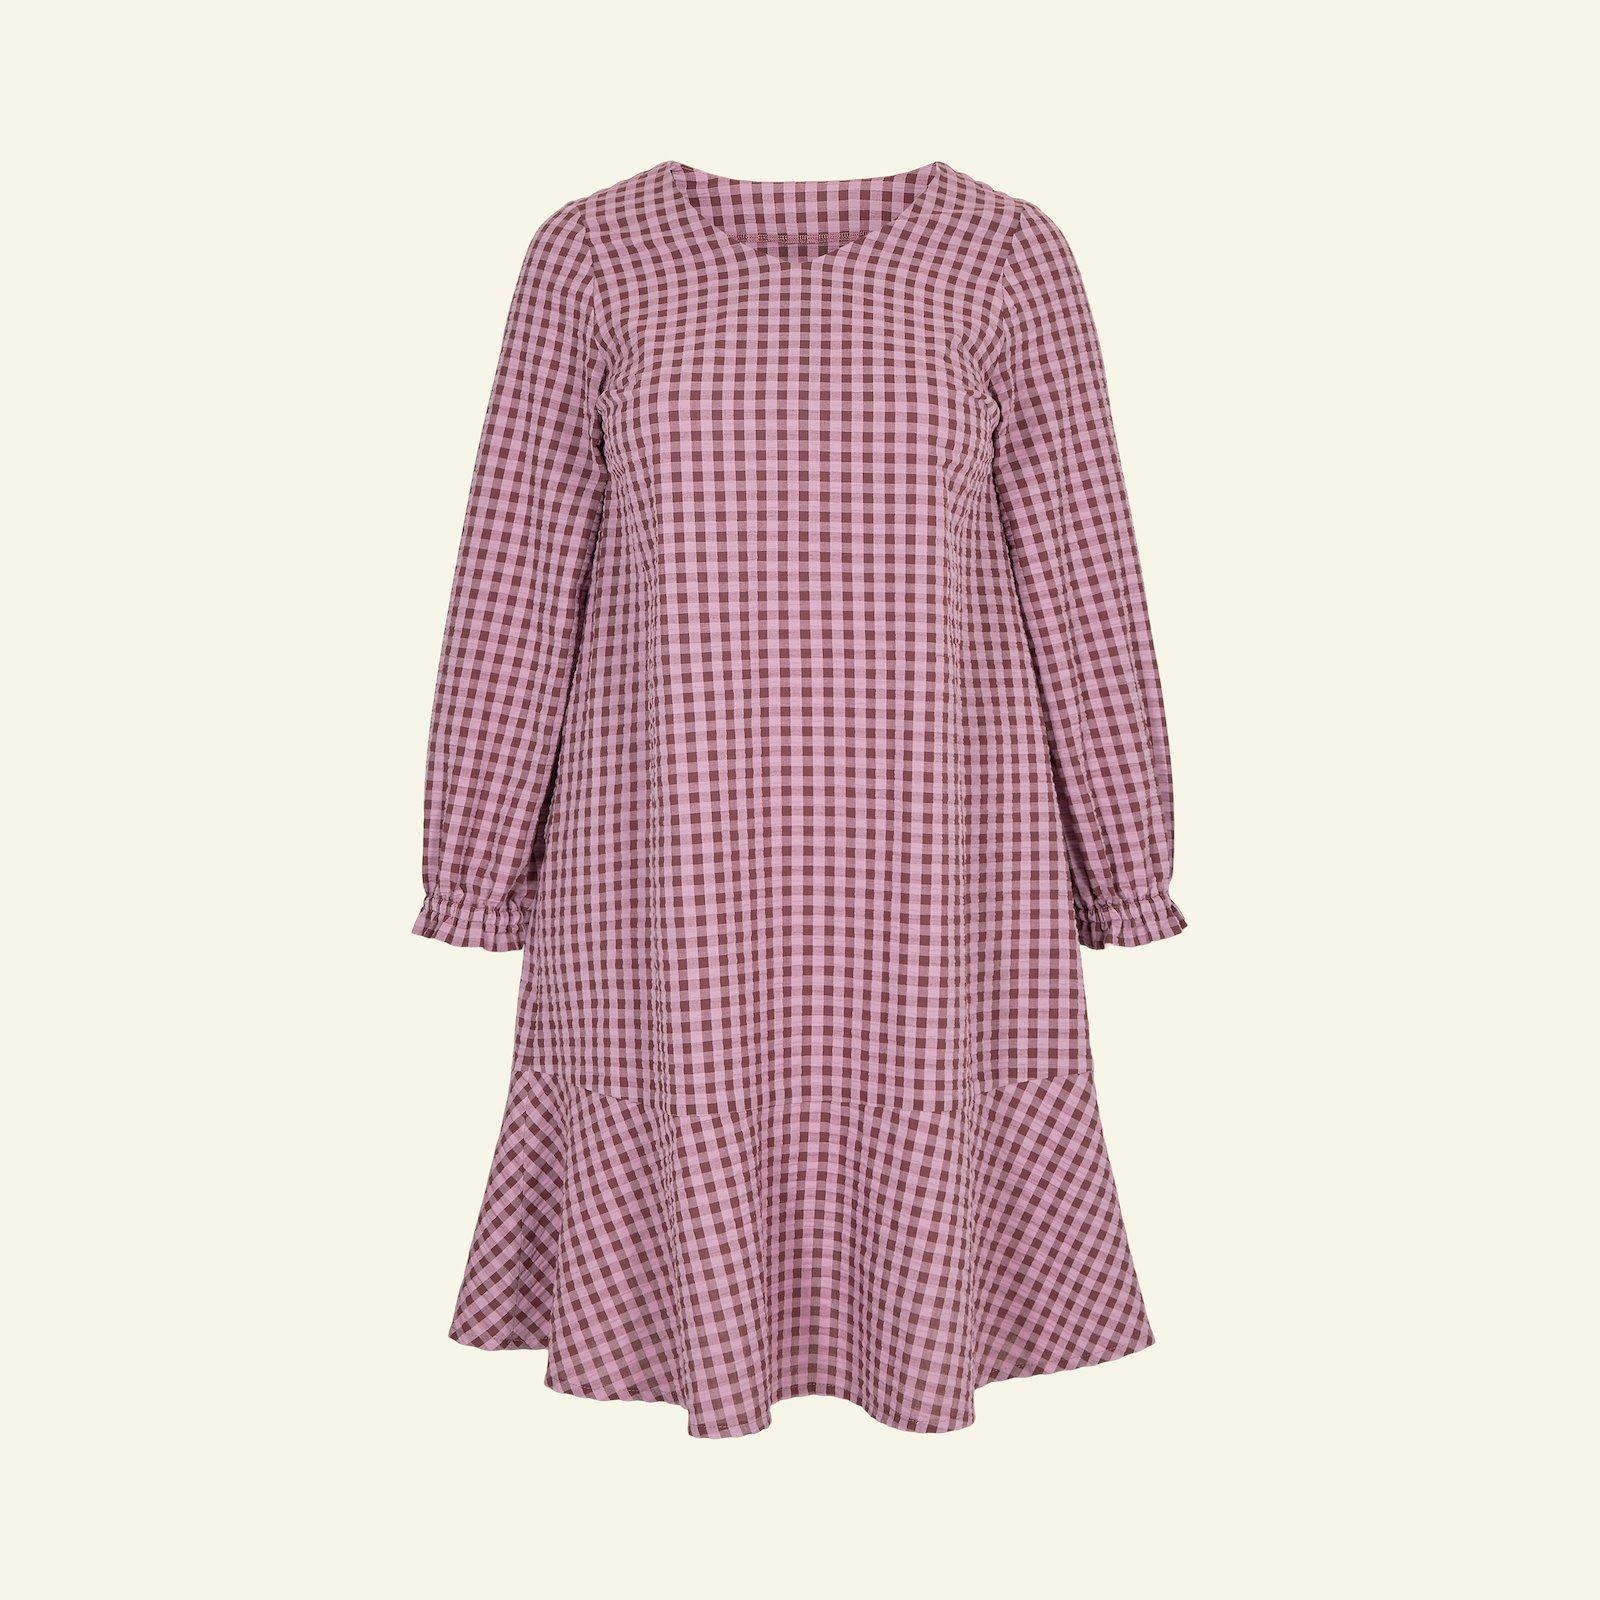 Kleid mit langen und kürzen Ärmeln p73018_580070_sskit